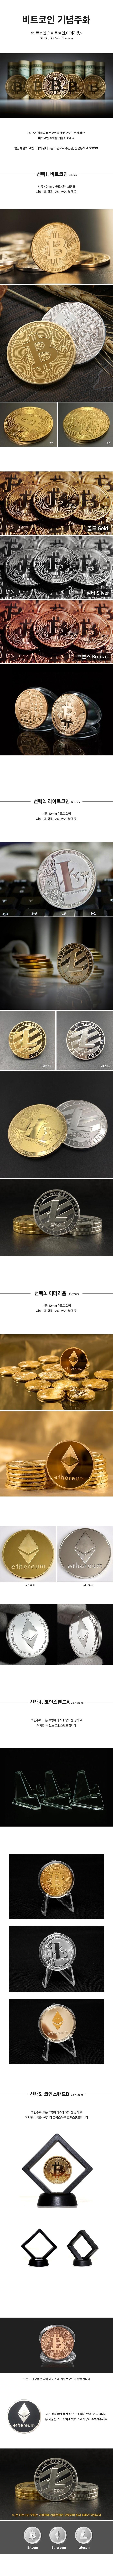 비트코인 가상 화폐 모형 기념 주화 - 갓샵, 1,600원, 장식소품, 엔틱오브제